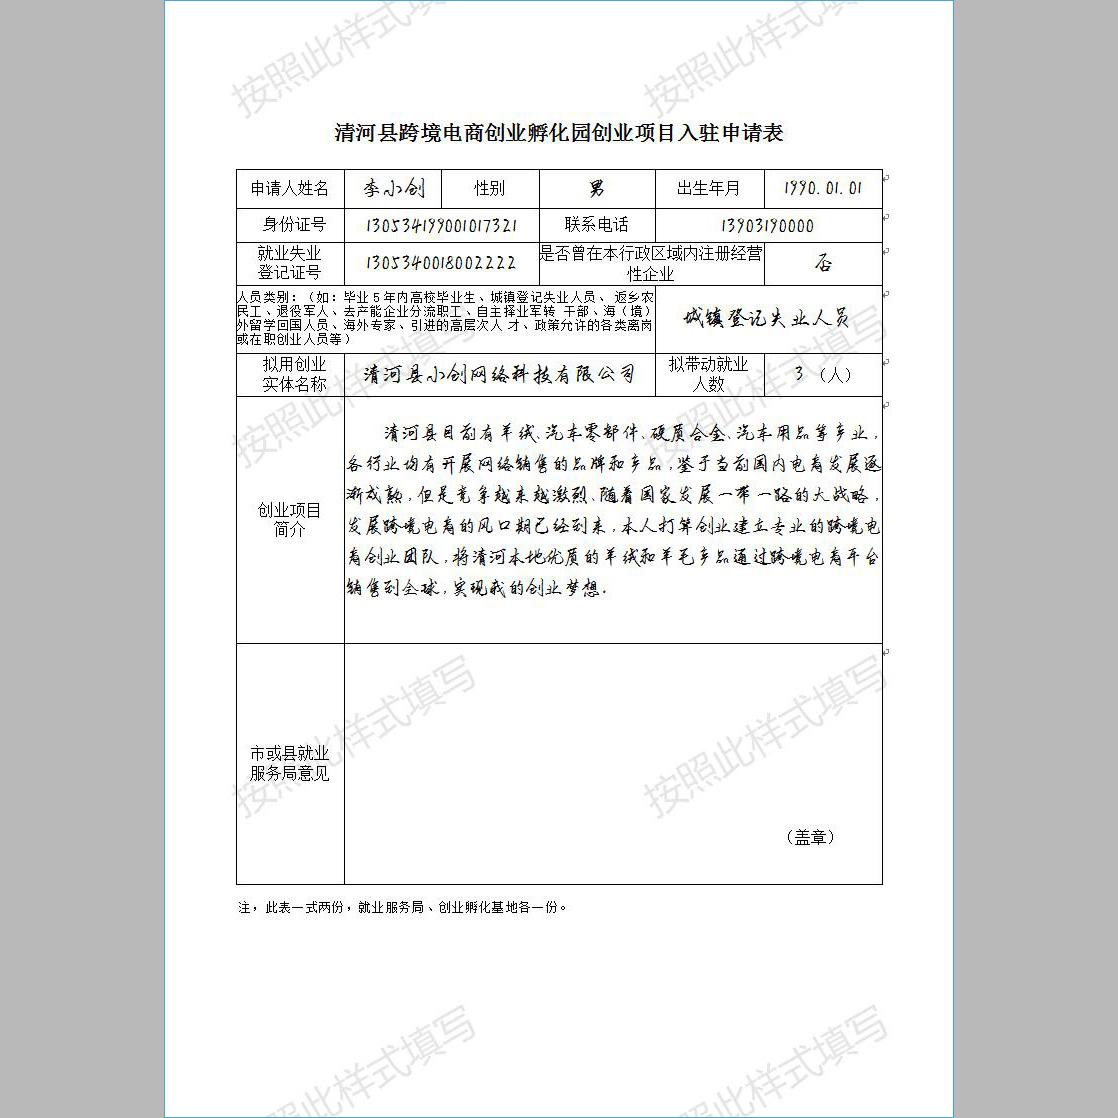 【2】孵化园入驻申请表